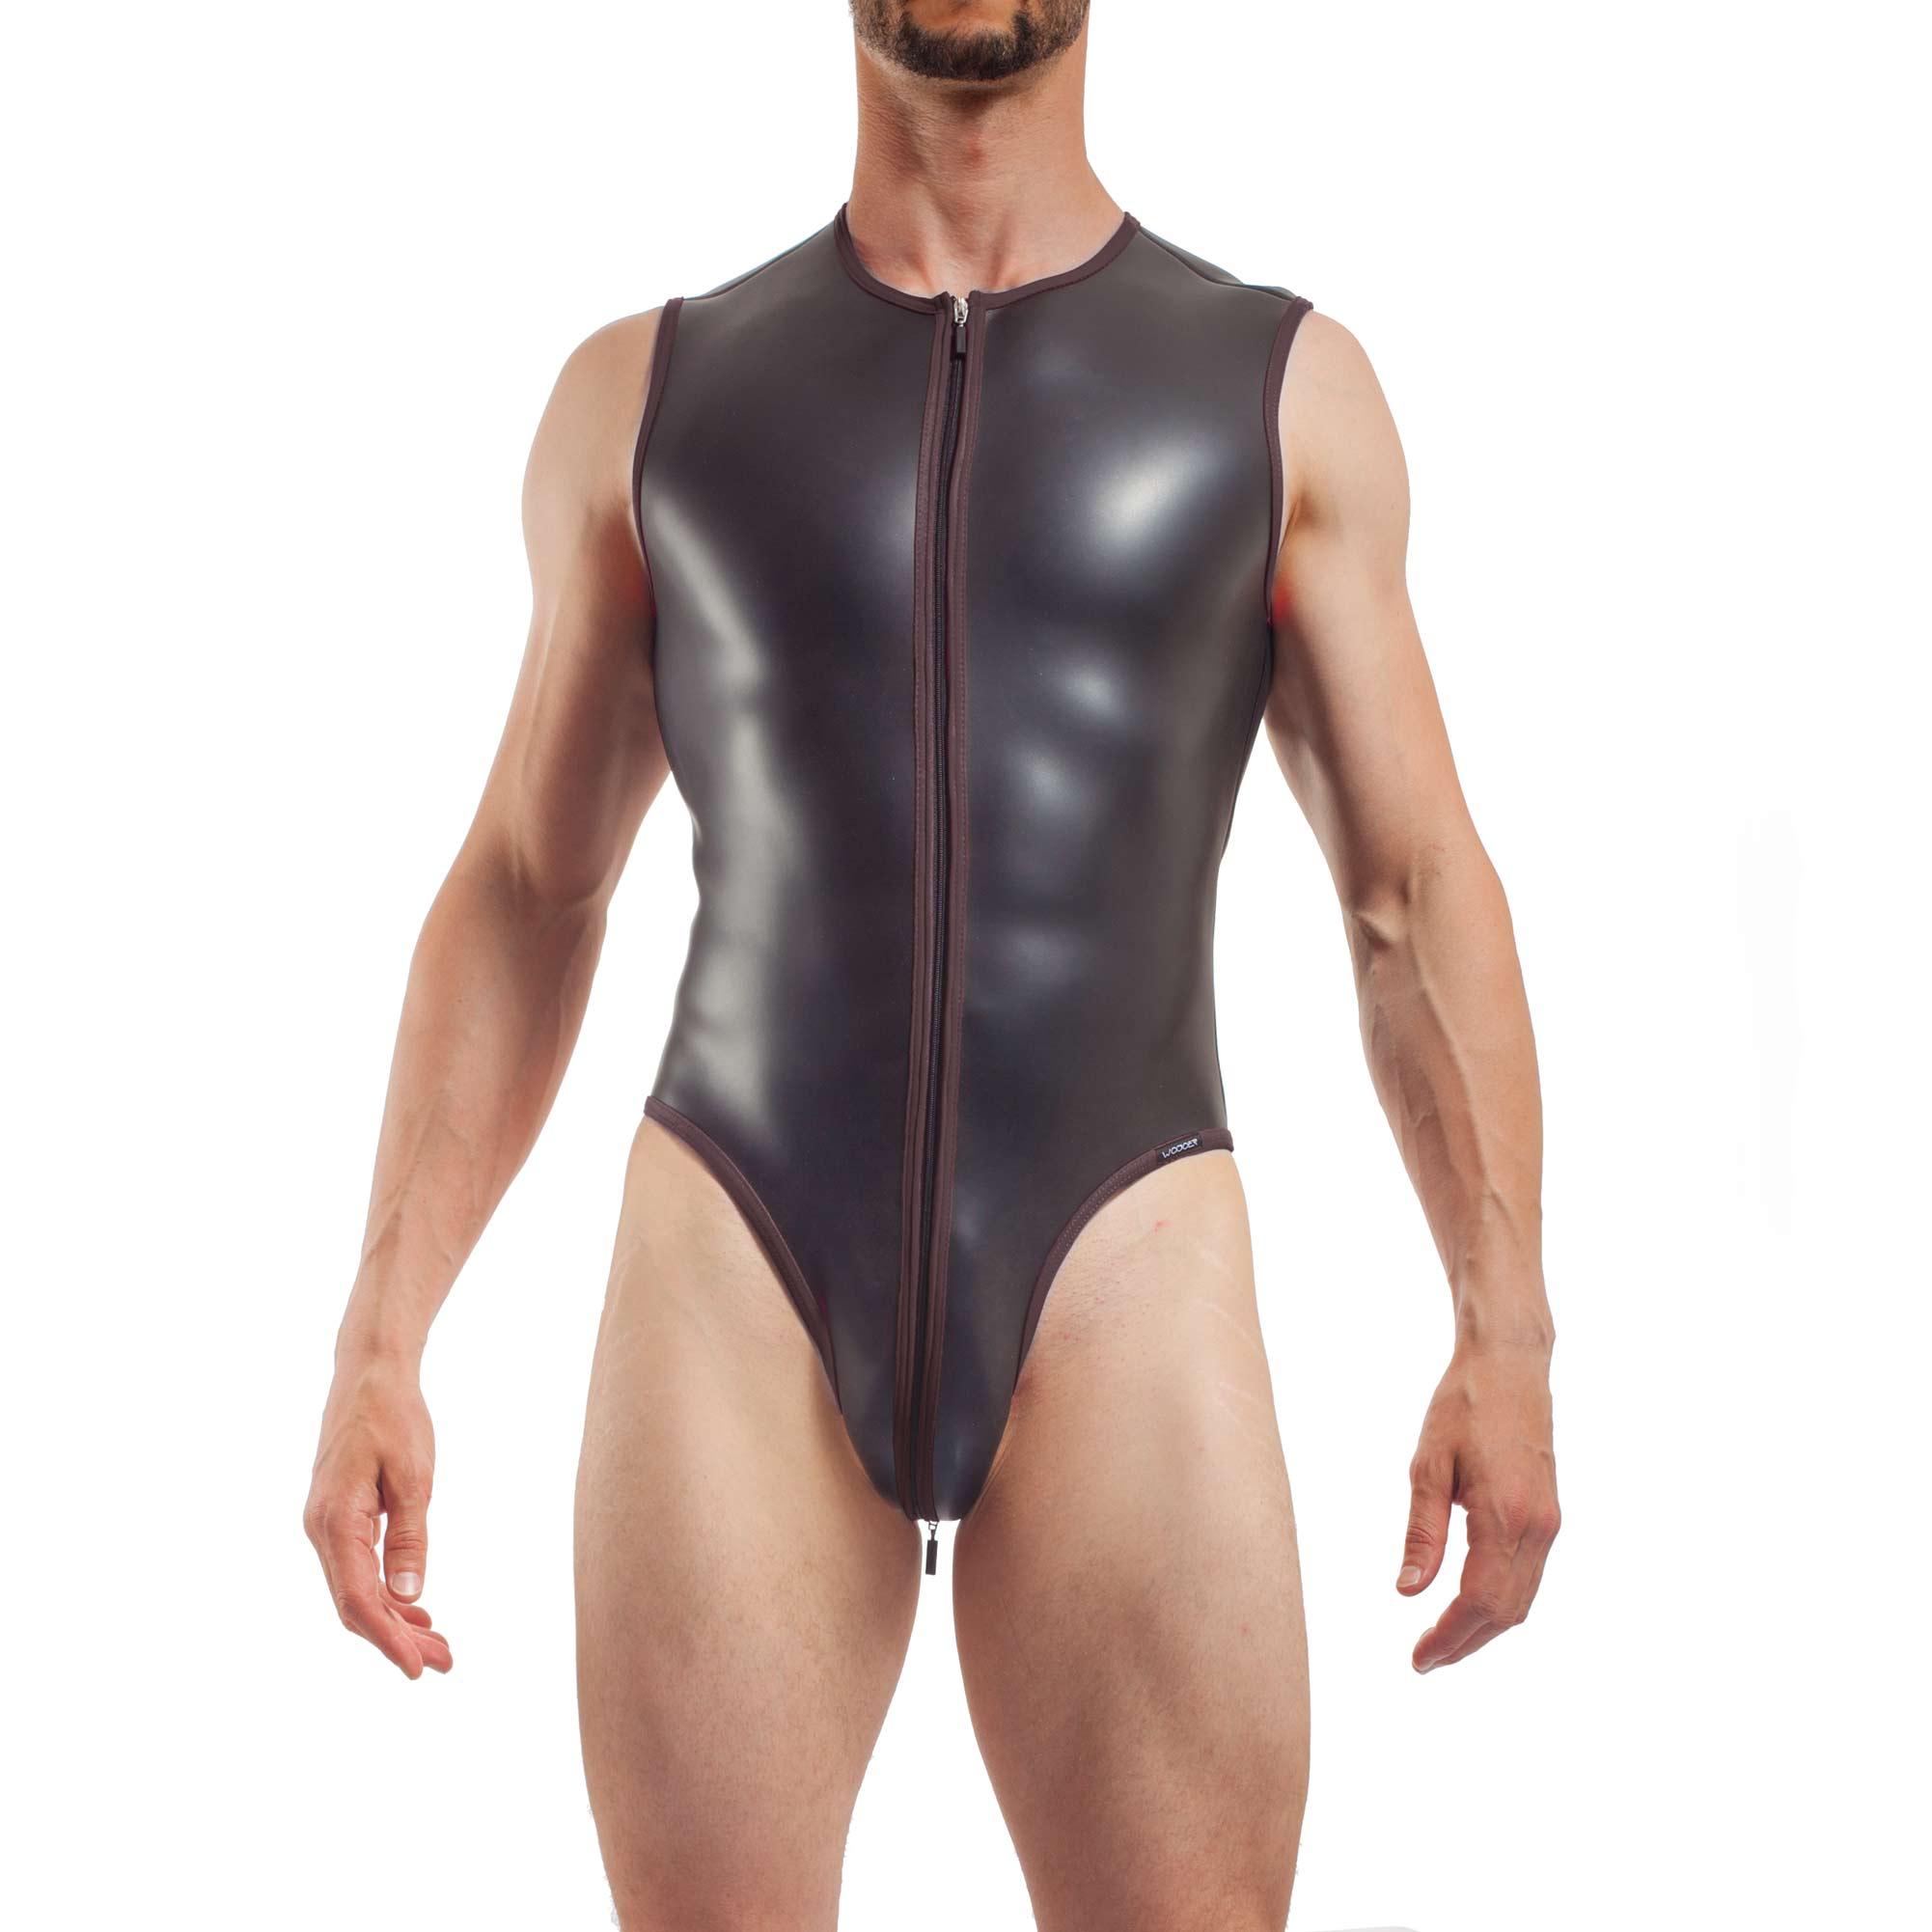 Badeanzug Herren jumpsuite Anzug Body